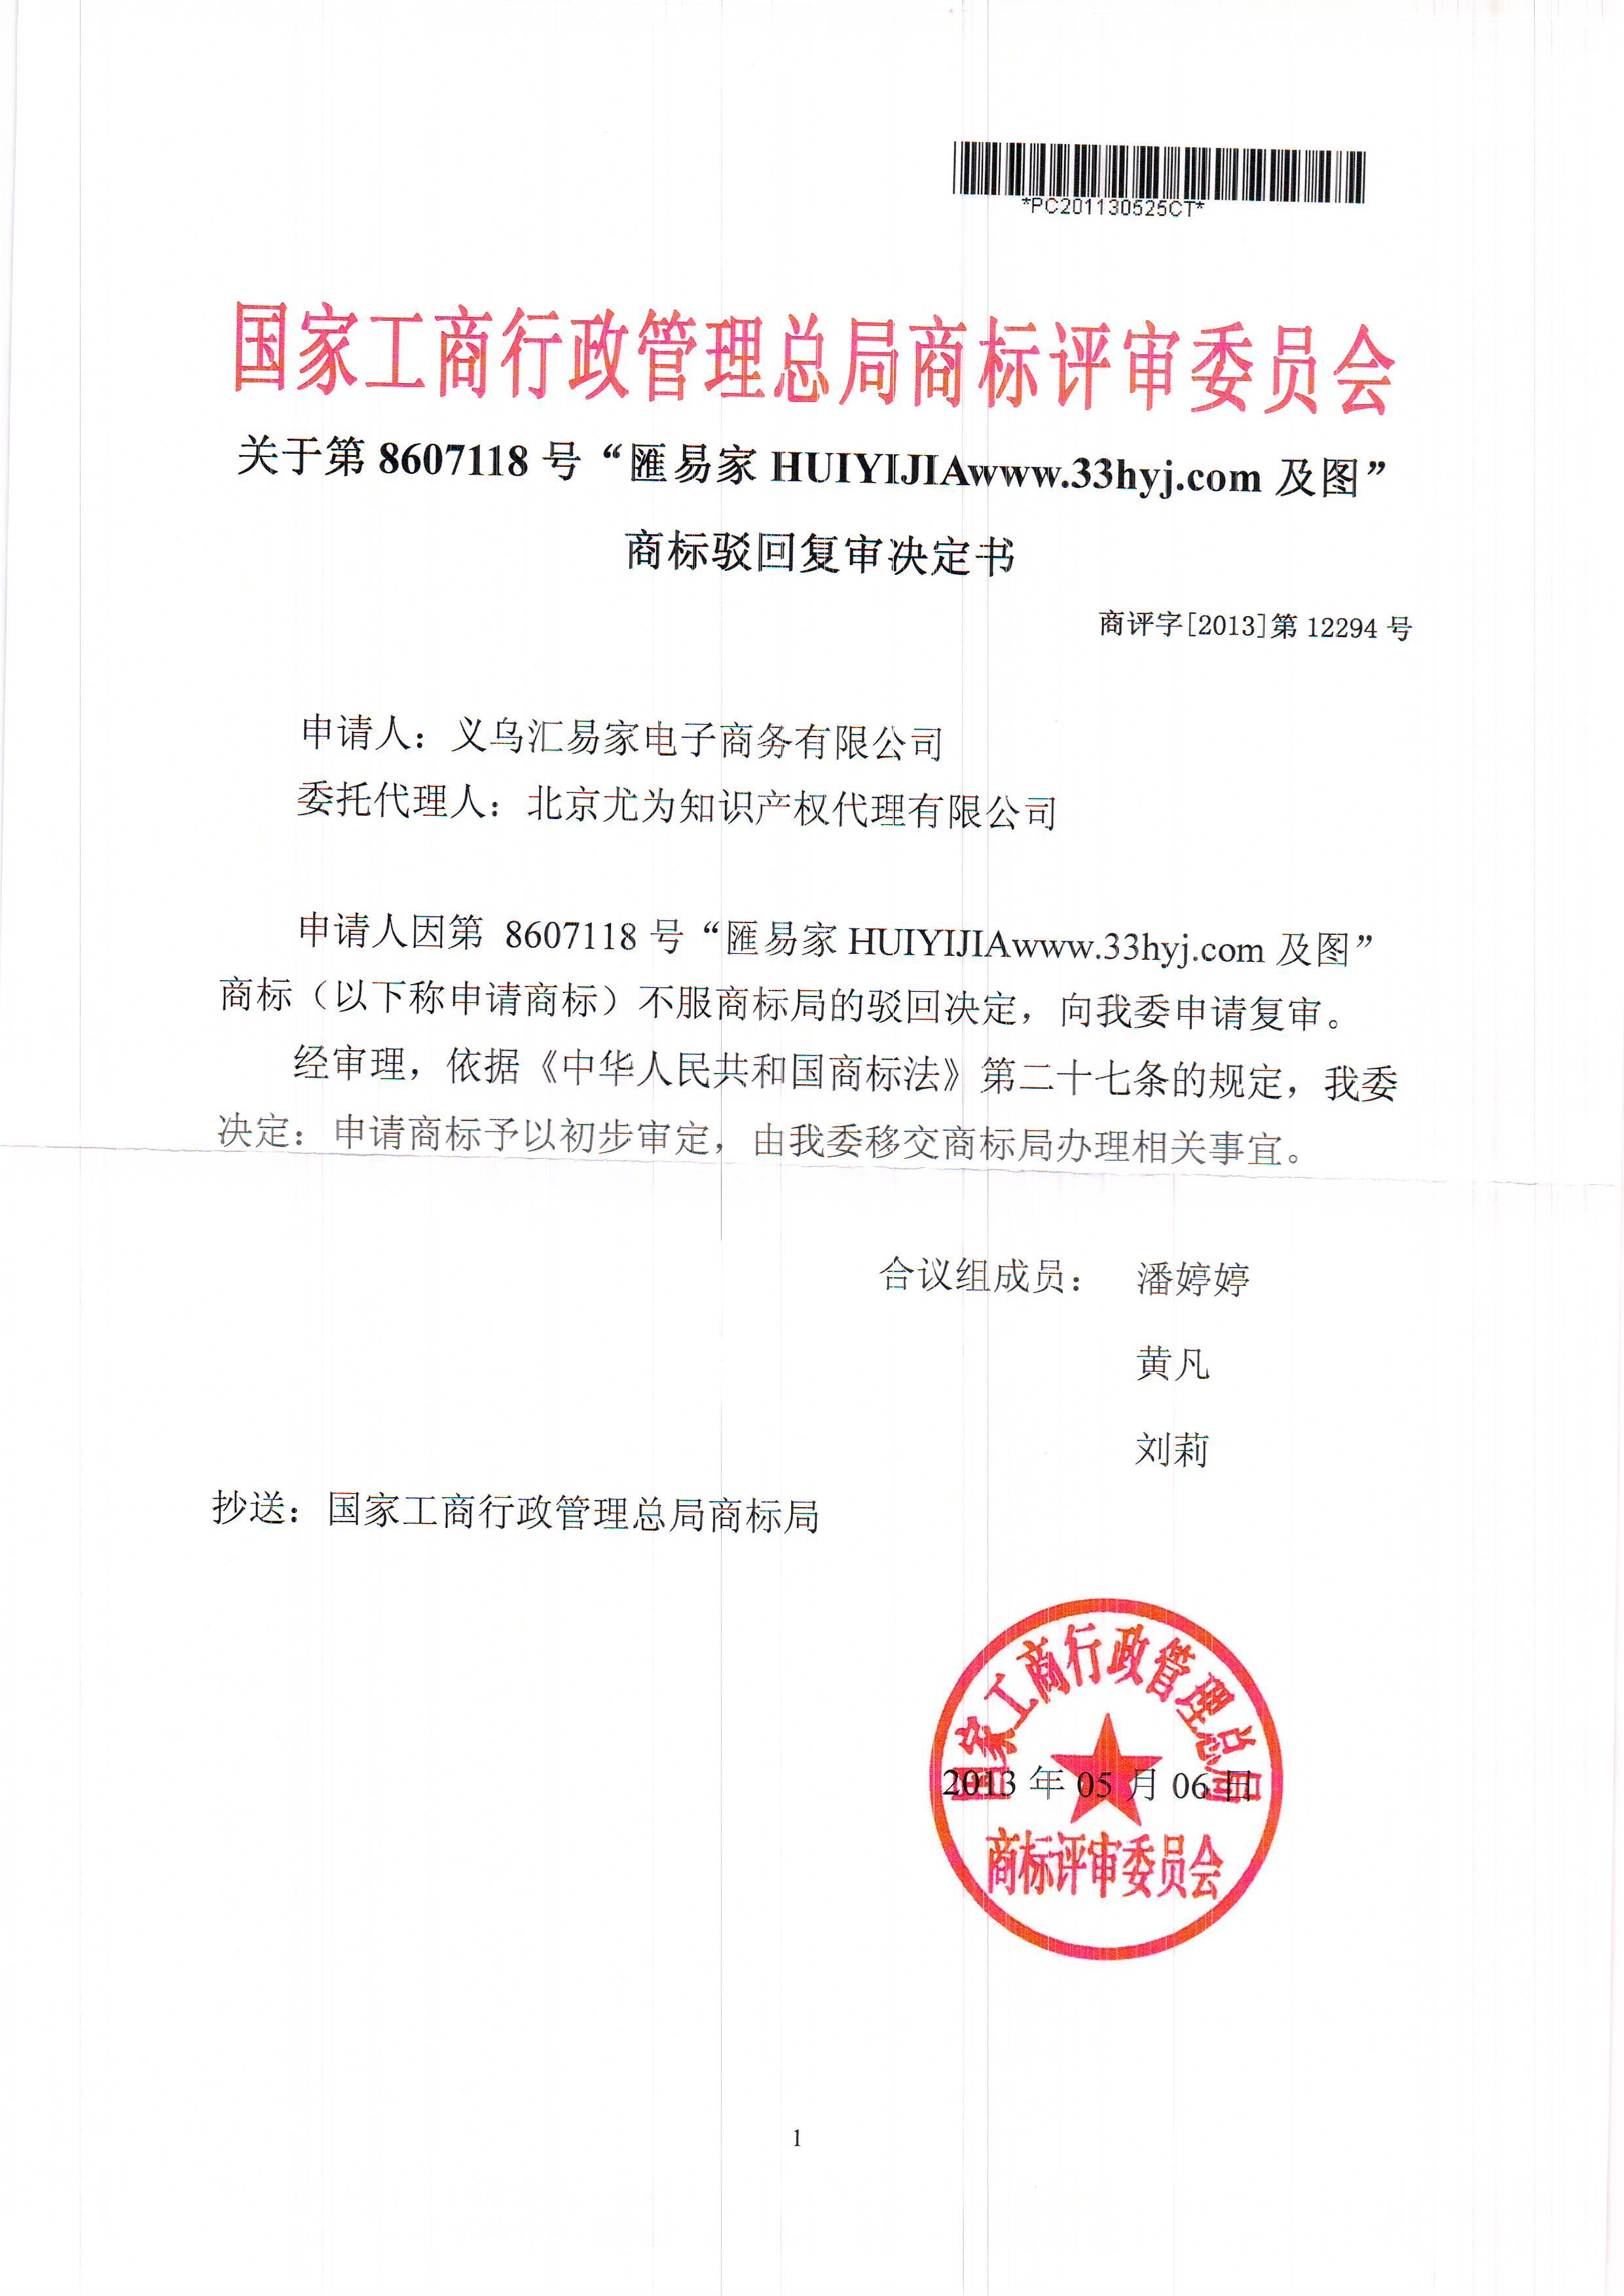 """义乌汇易家电子商务有限公司对第8607118号""""汇易家""""商标驳回成功!"""